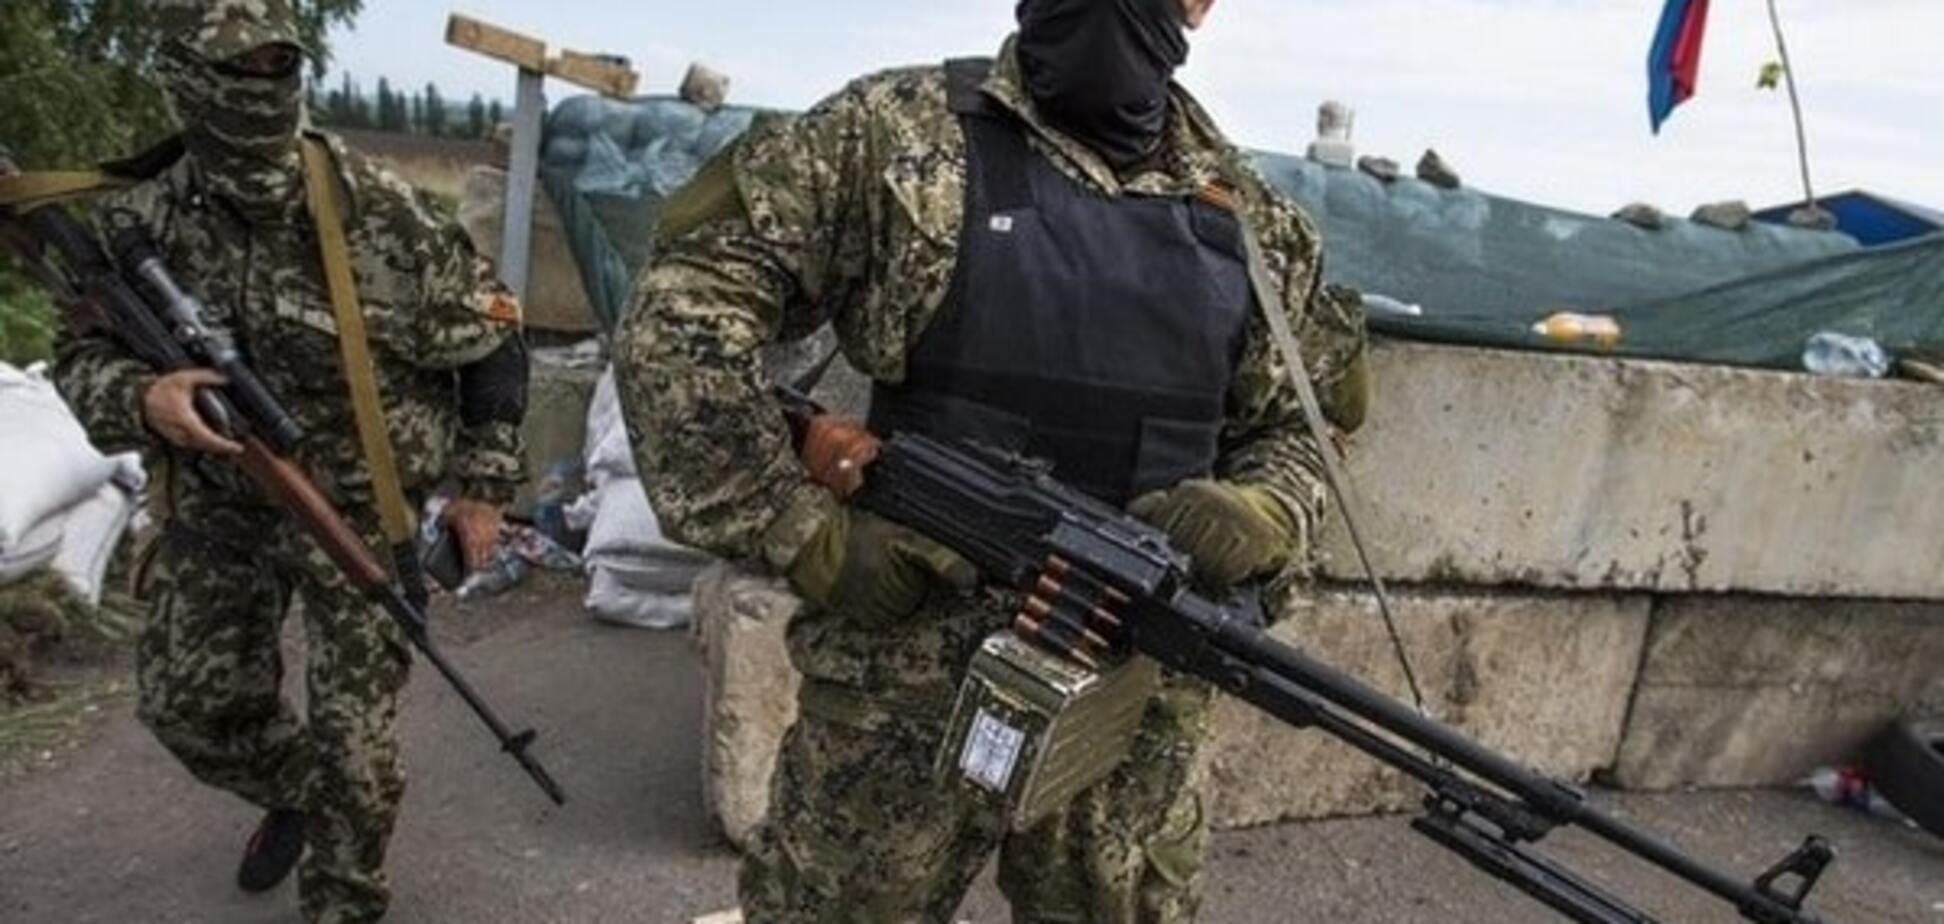 Захарченко втрачає контроль: у 'ДНР' почалася зачистка збройних угруповань